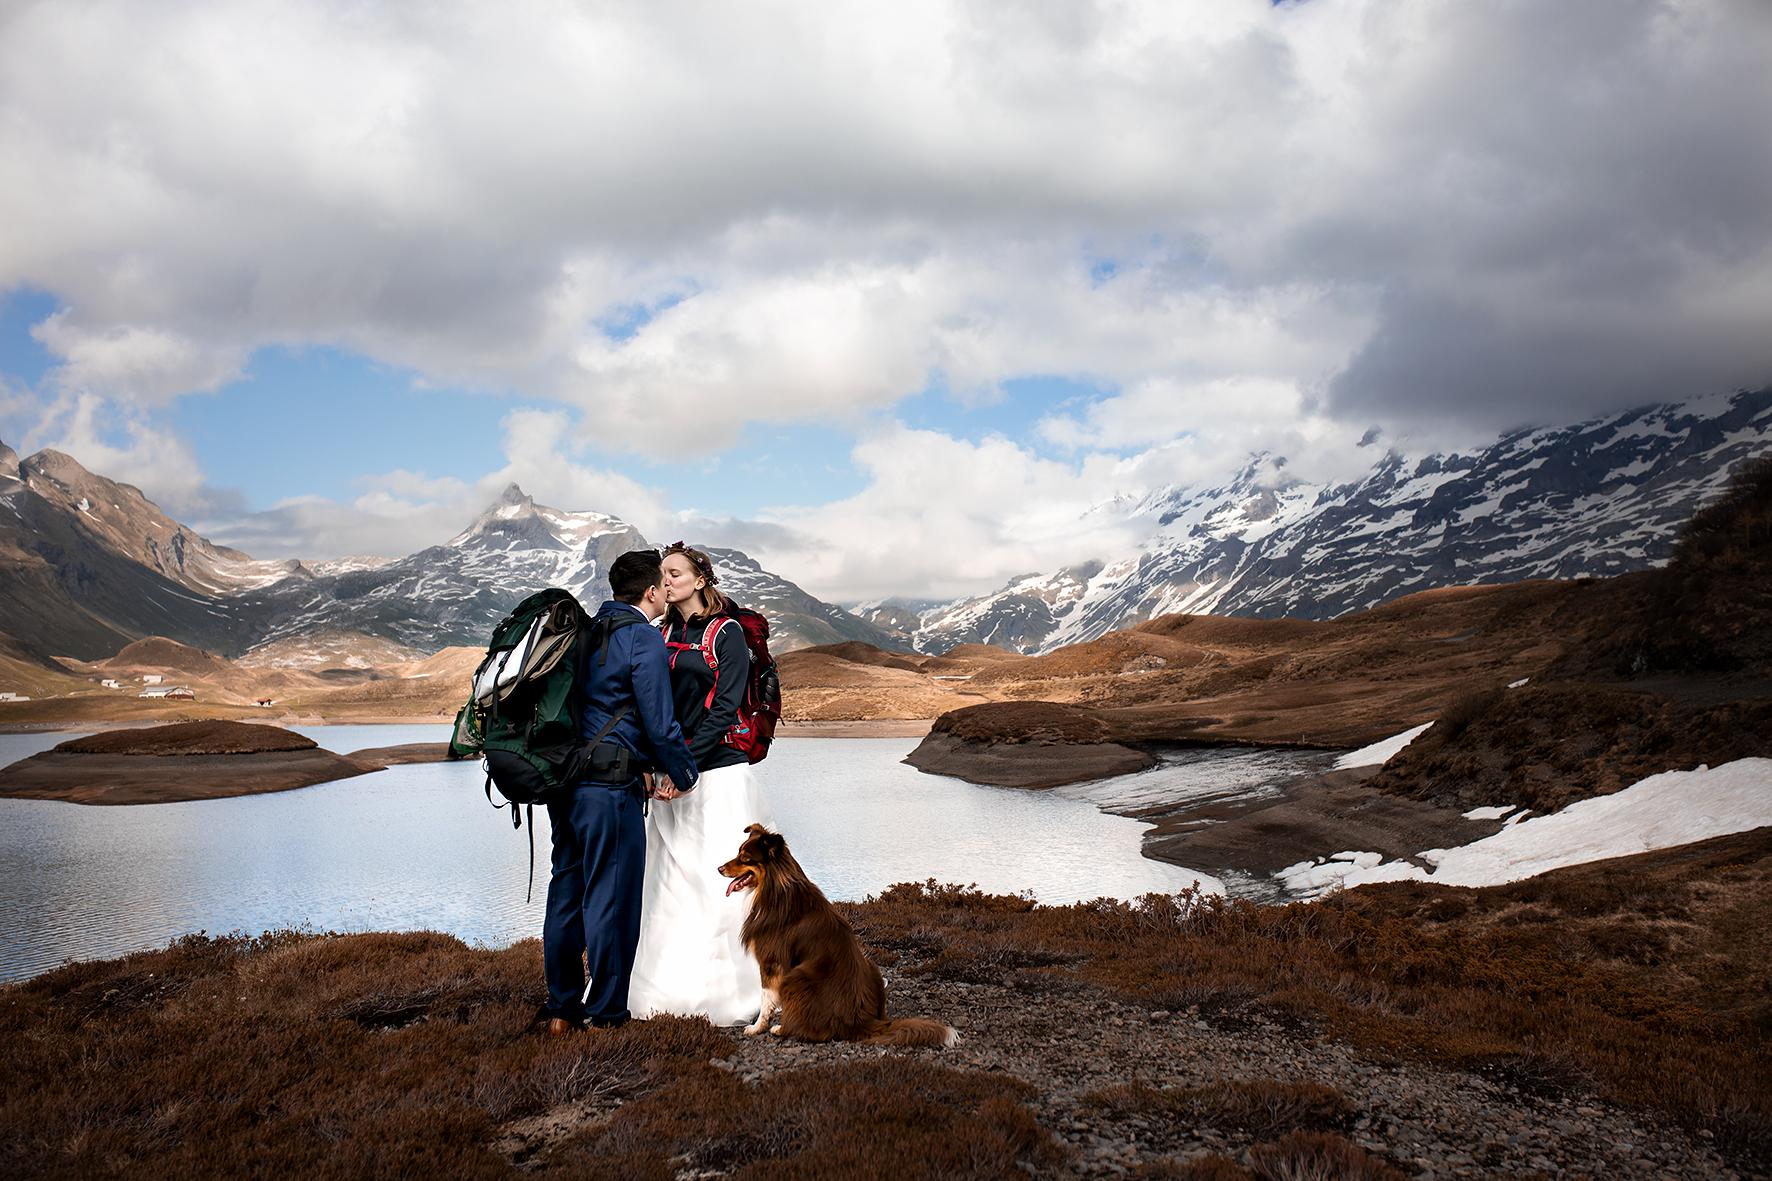 Ein Elopement in der wilden Berglandschaft der Melchsee Frutt im Kanton Obwalden. Das Brautpaar steht inmitten schneebedeckter Gipfel. Im Hintergrund liegt der Tannensee, die Tannenalp und die Lücke Richtung Engelberg. Am Ufer des Bergsees sind noch einige Schneefelder vom Winter. Die Braut trägt ein weisses Hochzeitskleid, Wanderschuhe, eine Jacke wegen dem kühlen Wind und ihren Rucksack. Der Bräutigam trägt Anzug, Anzugsschuhe und einen Wanderrucksack. Die Beiden halten sich an den Händen und küssen sich.